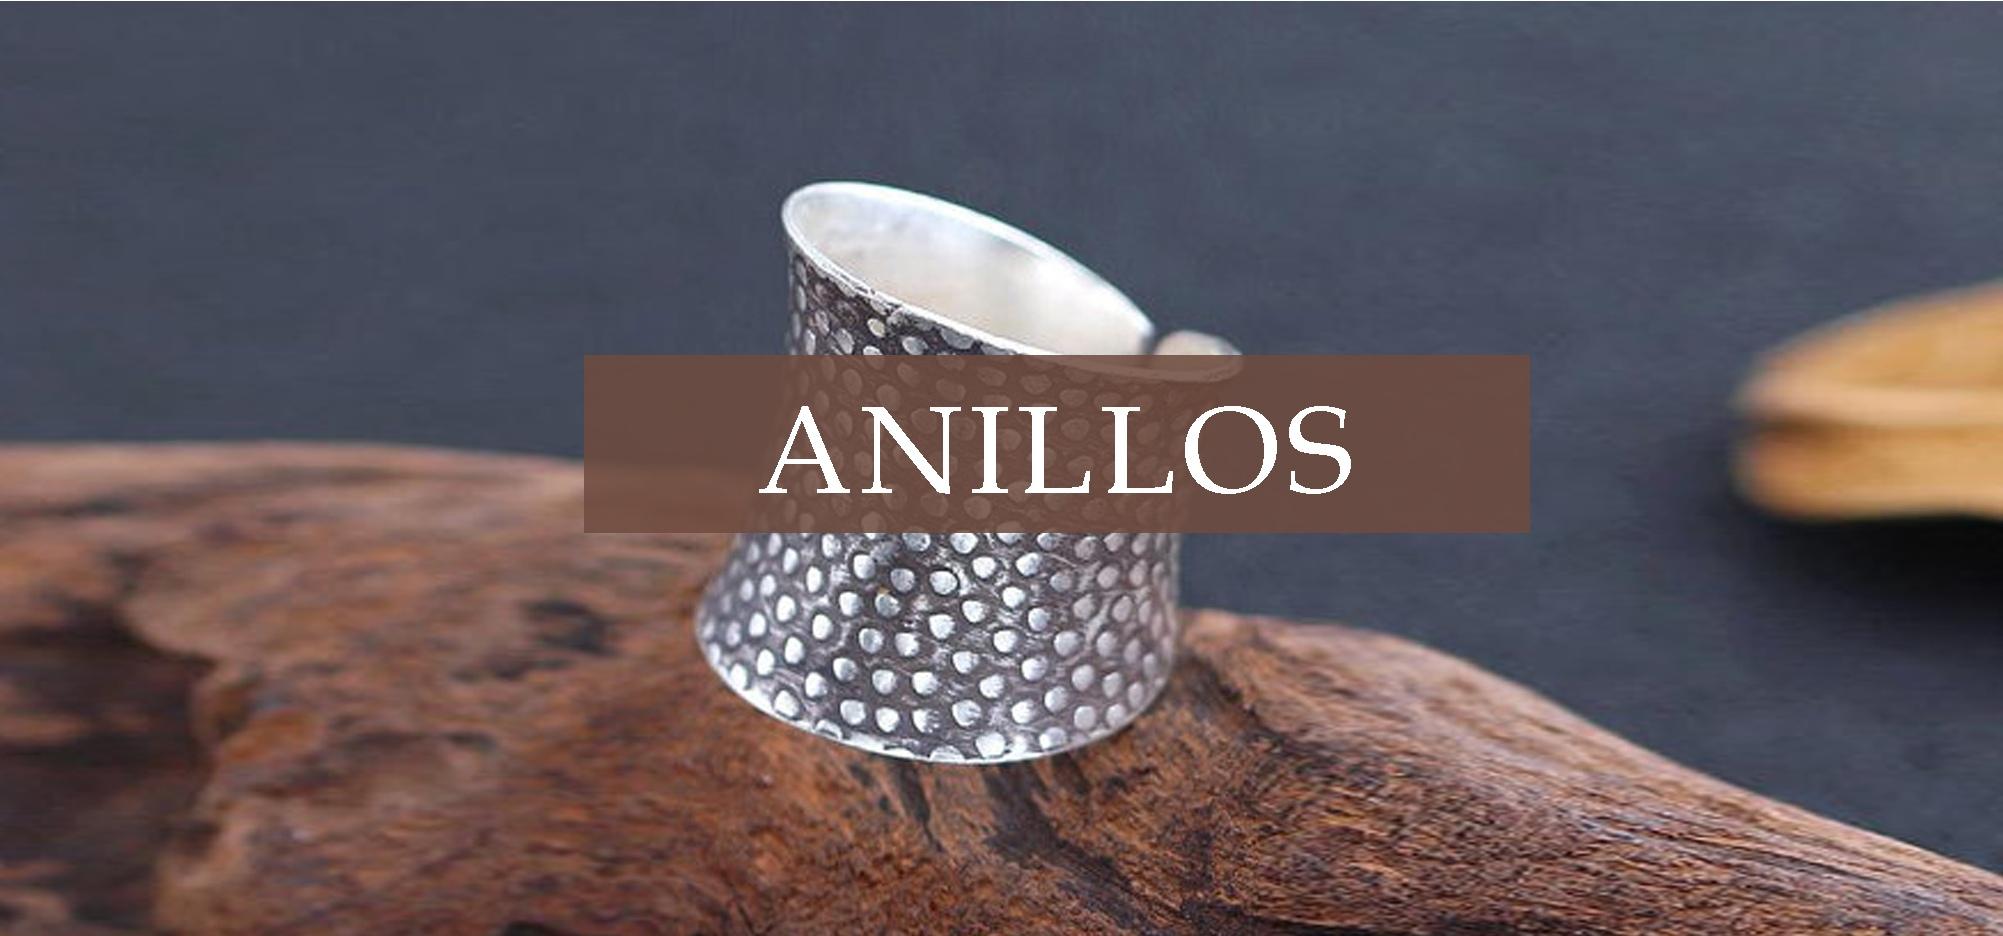 Ir a la tienda y comprar online anillos de plata